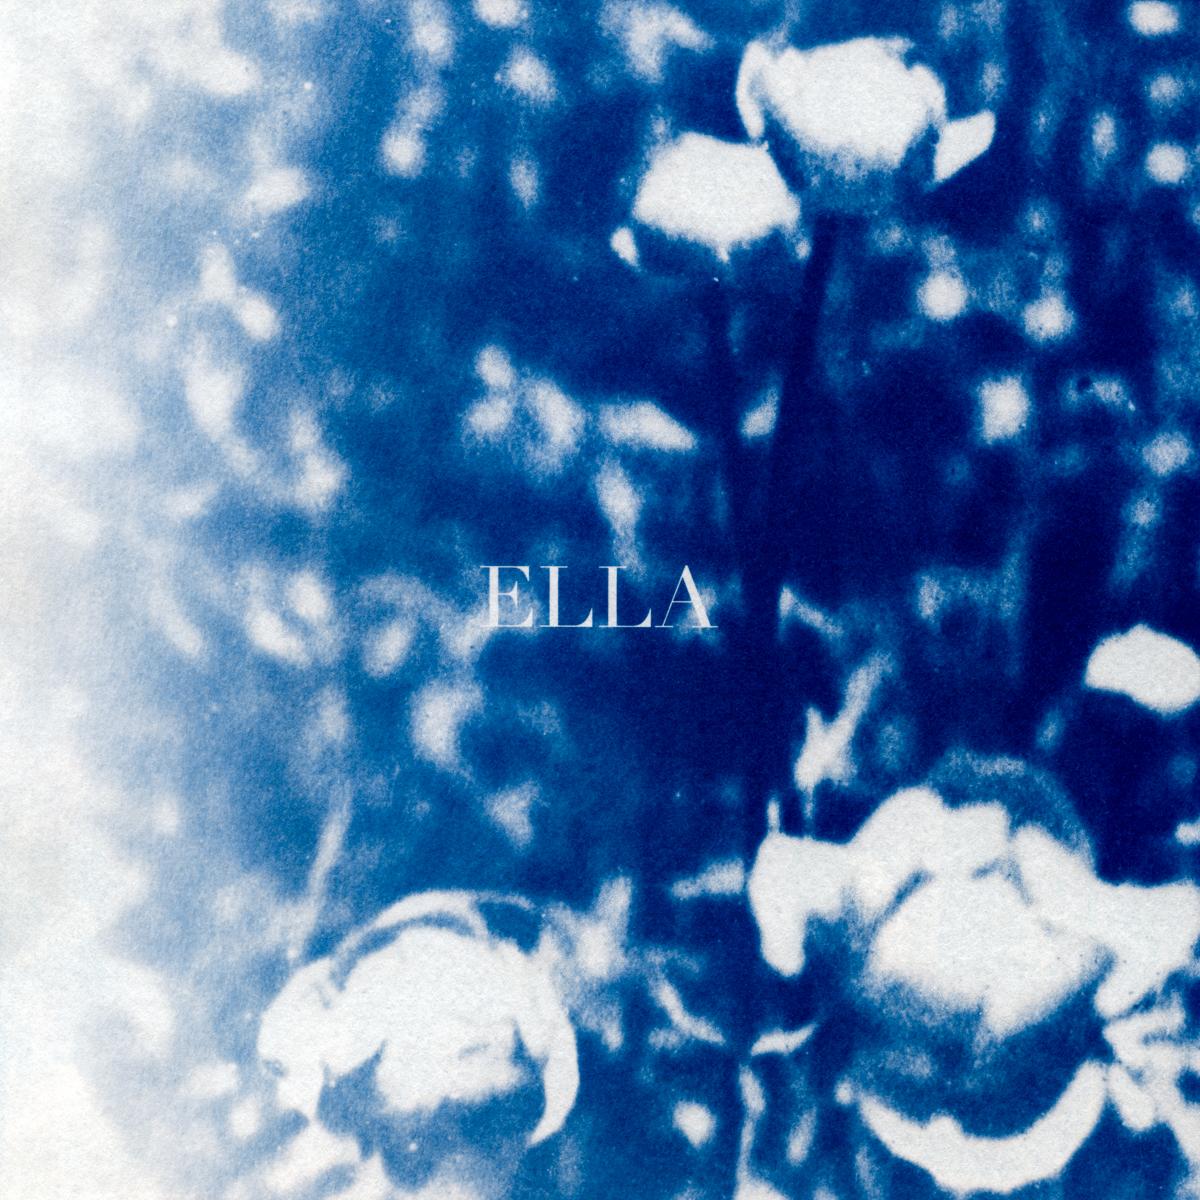 ELLA EP on CD - ELLA